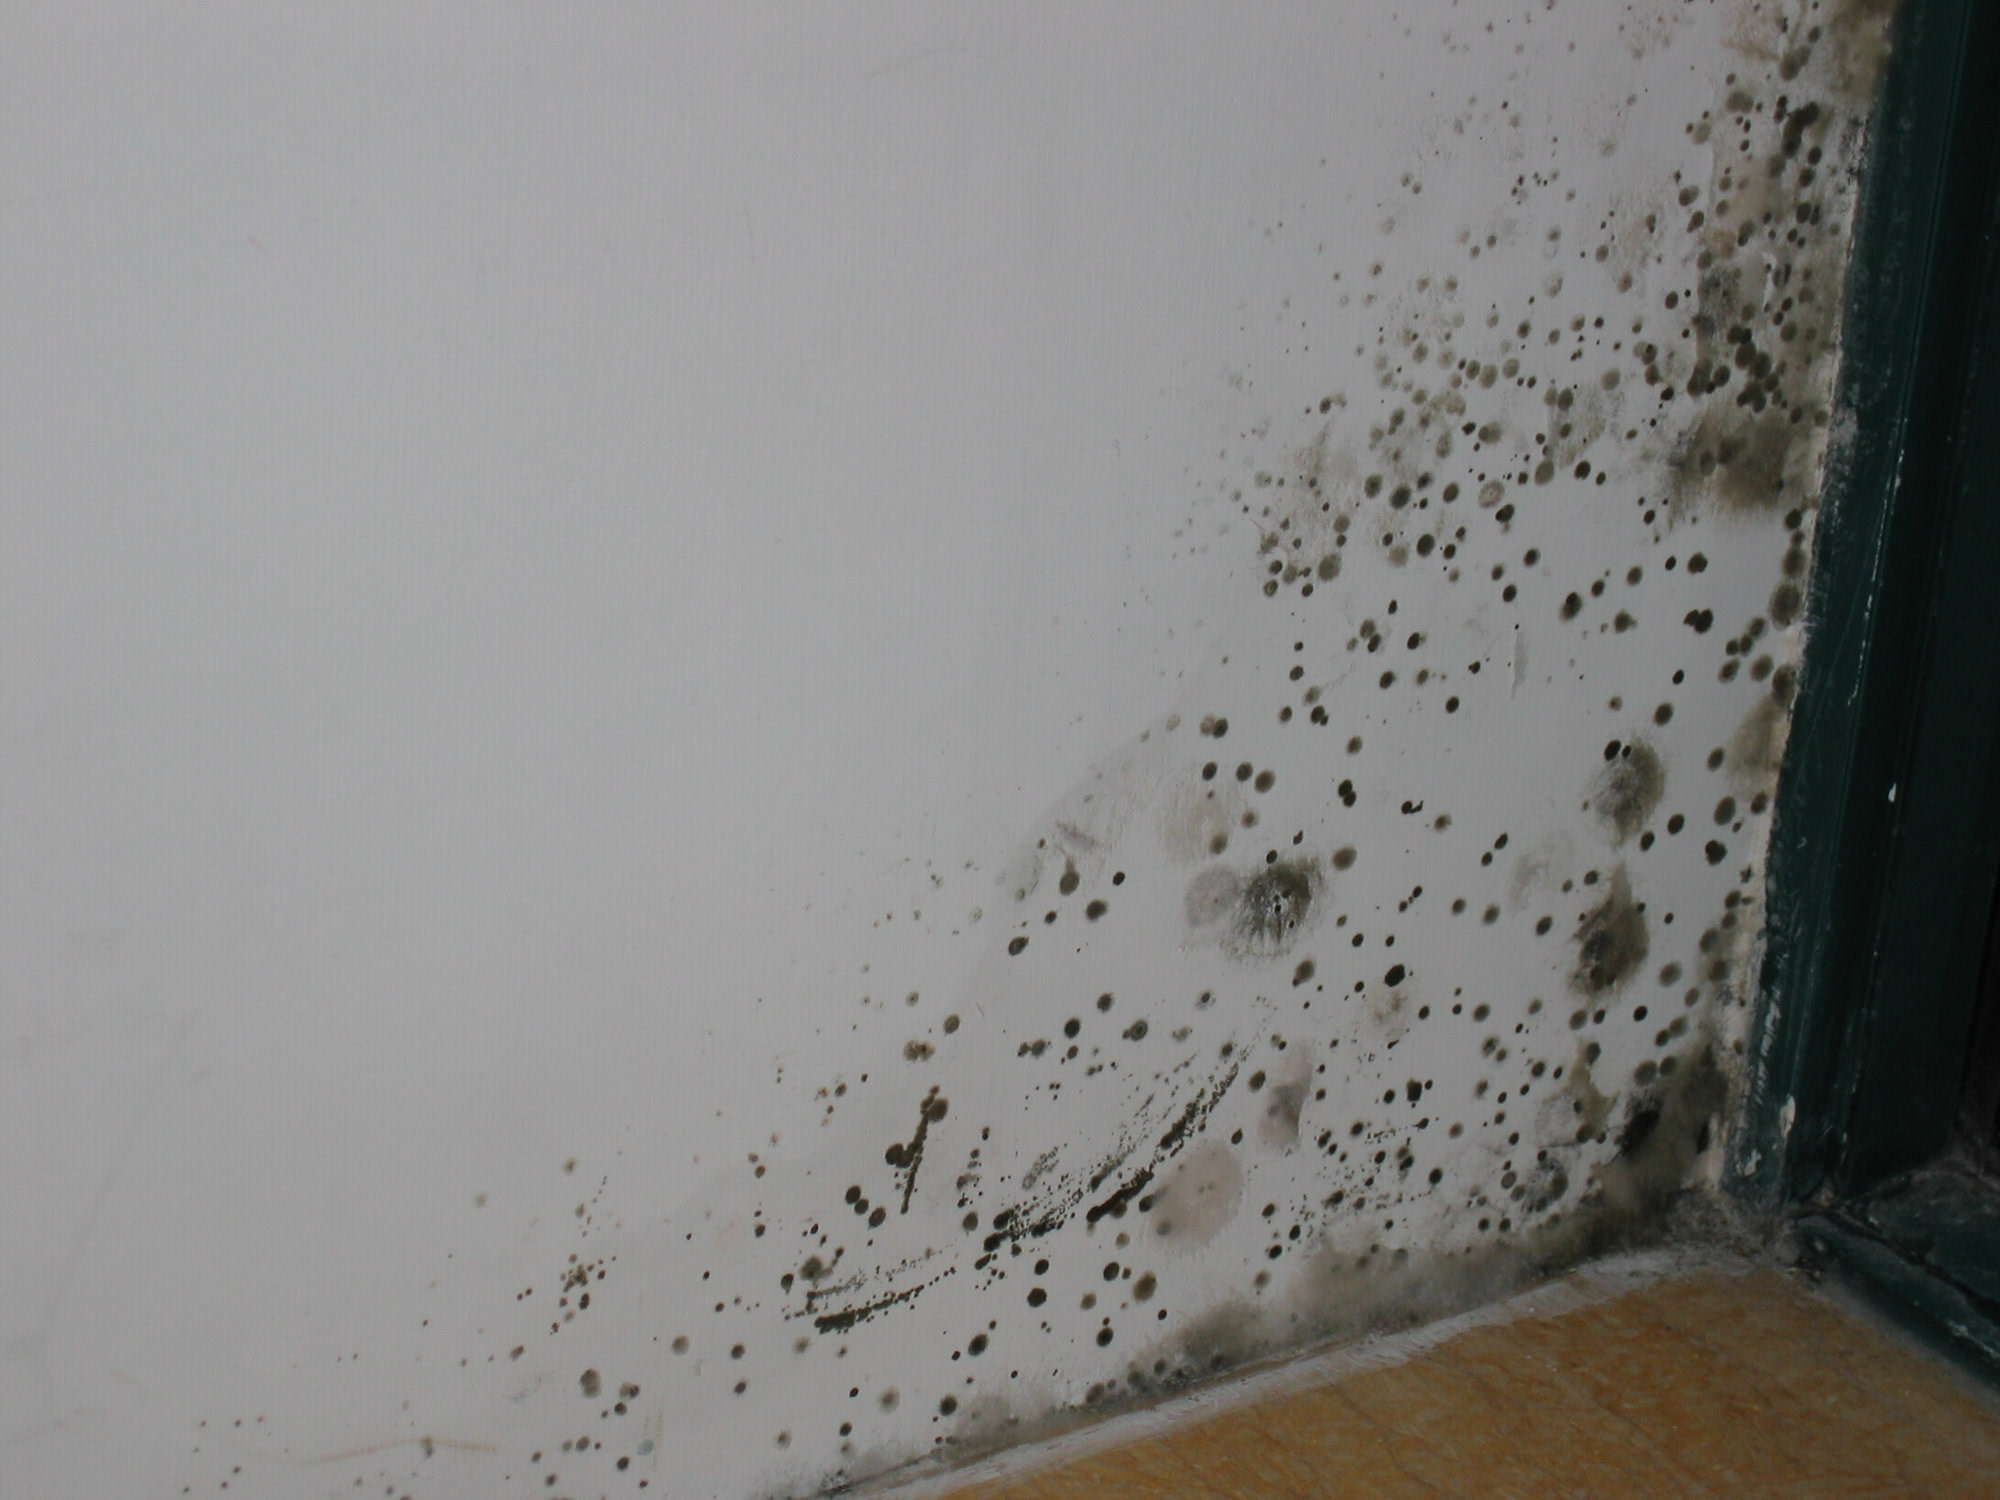 轩彩娱乐手机客户端下载建材温馨提示-墙体发霉影响美观